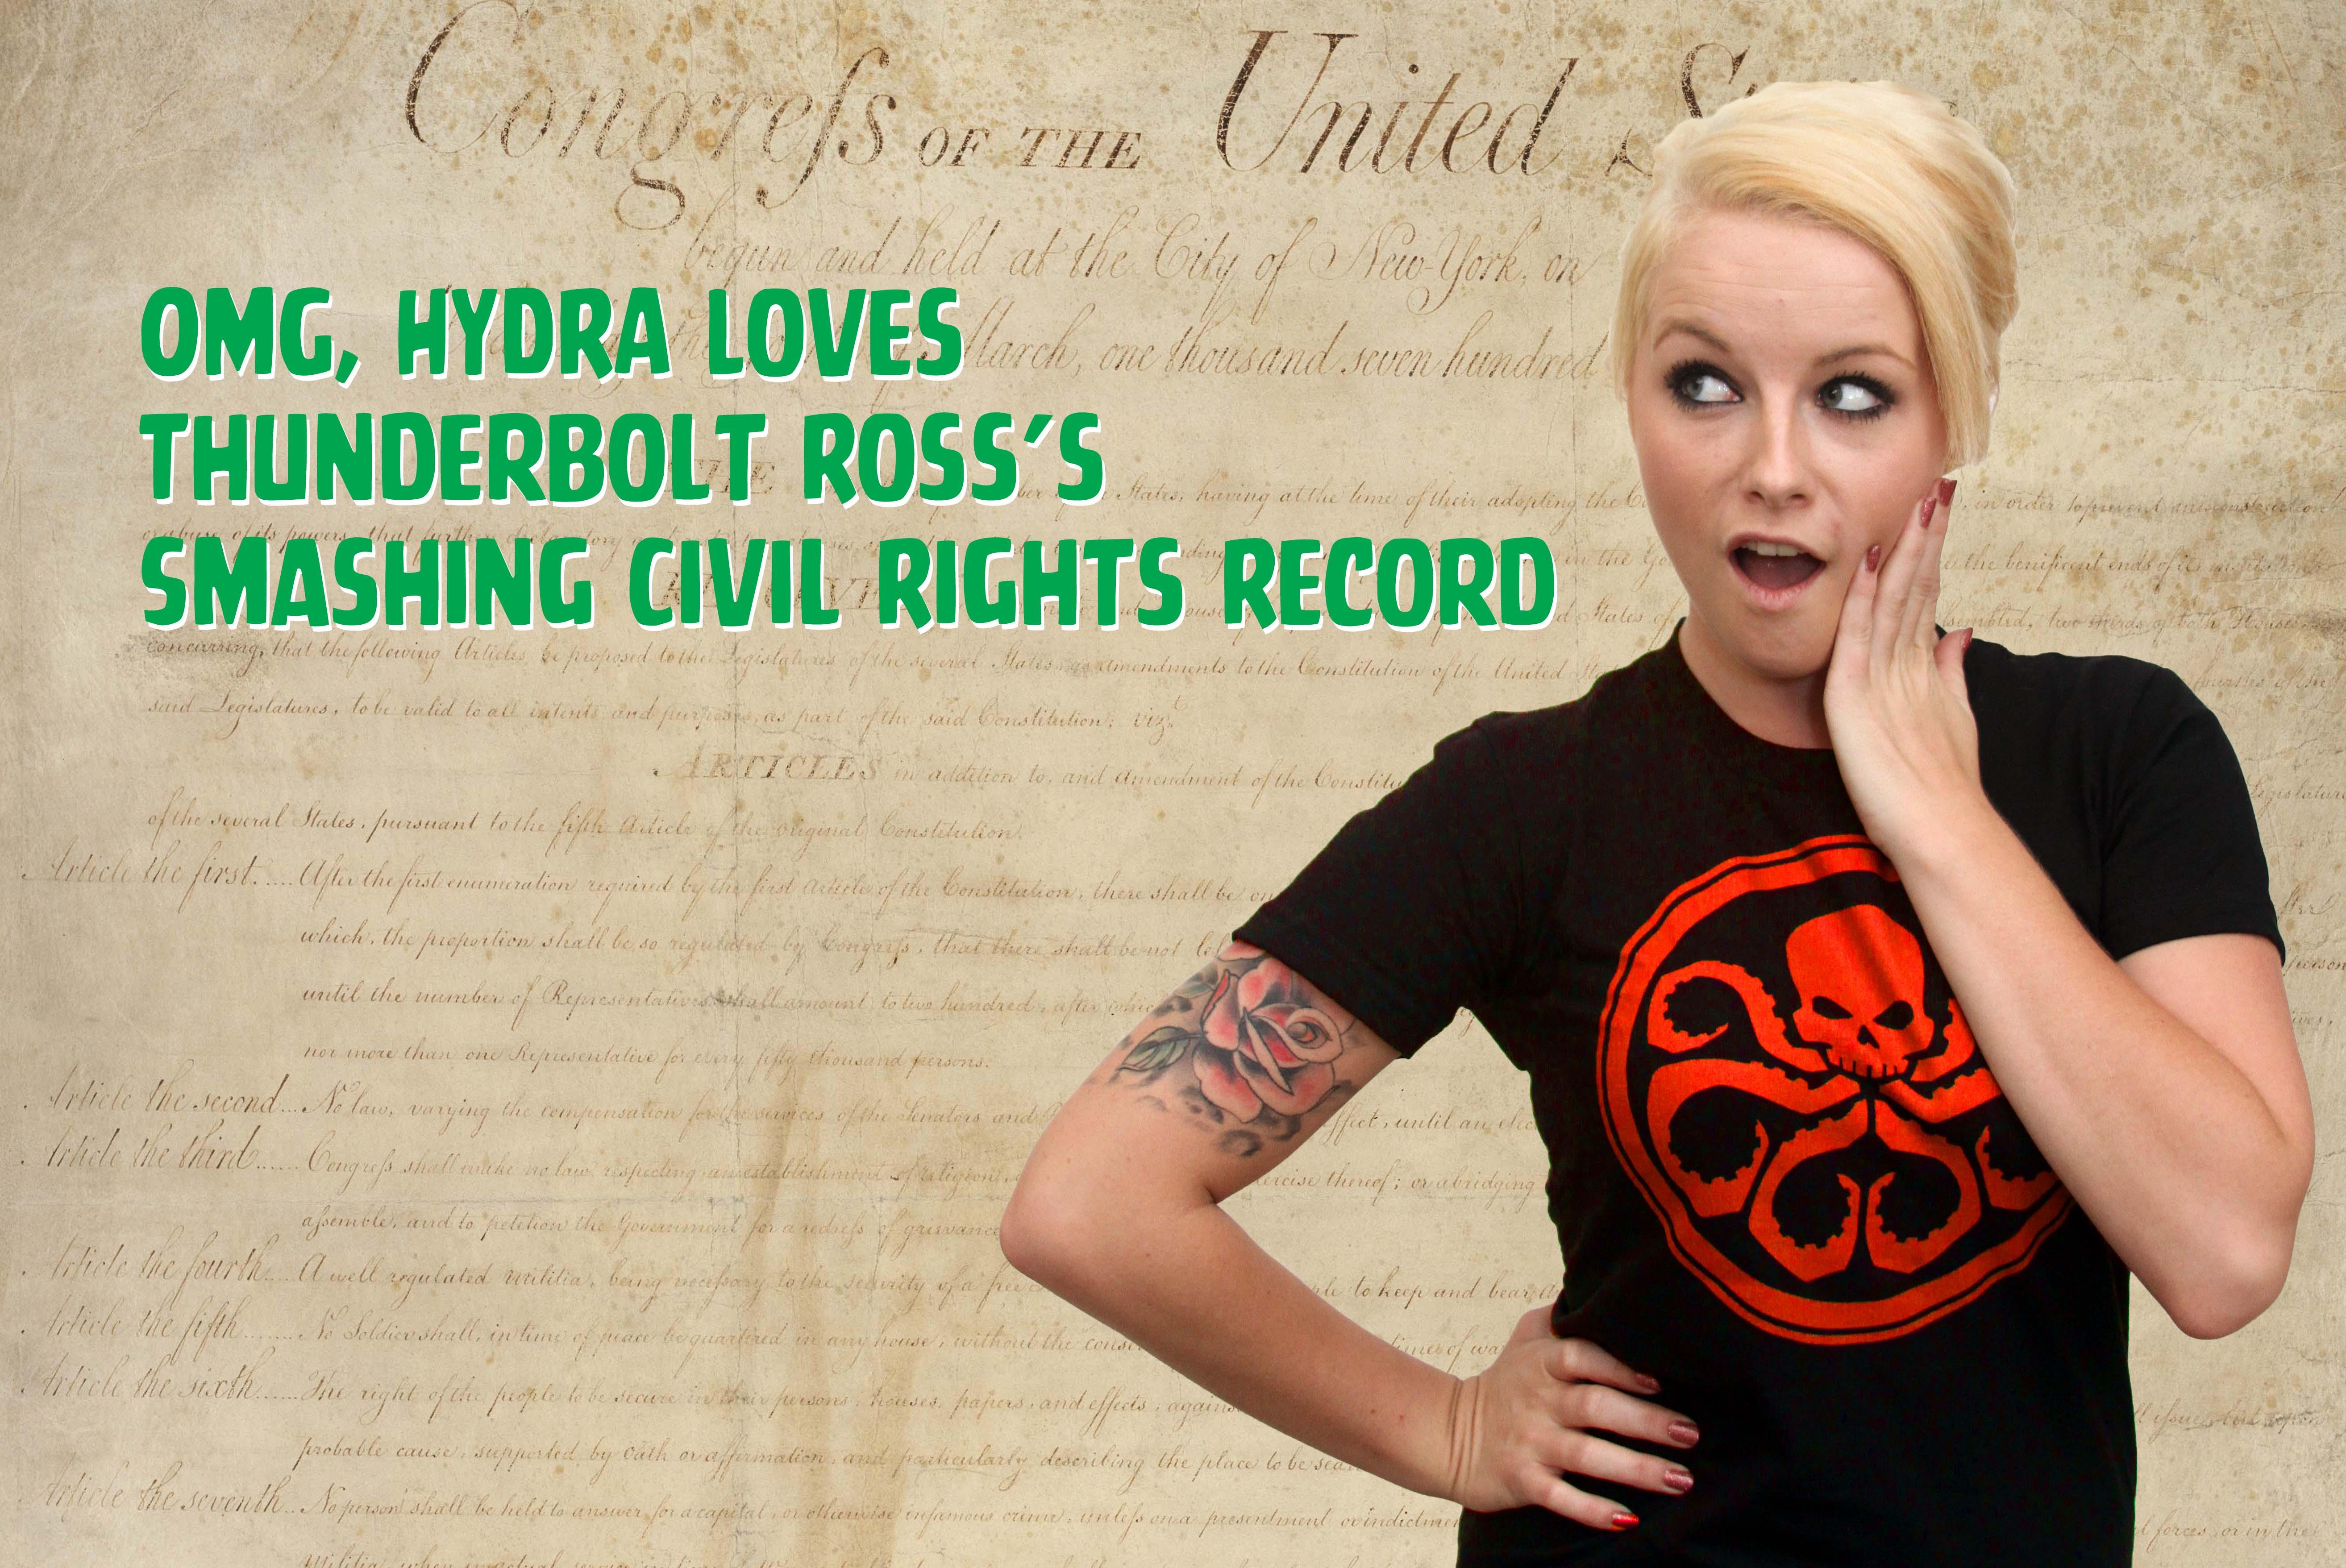 Thunderbolt_Ross_Civil_Rights_9390